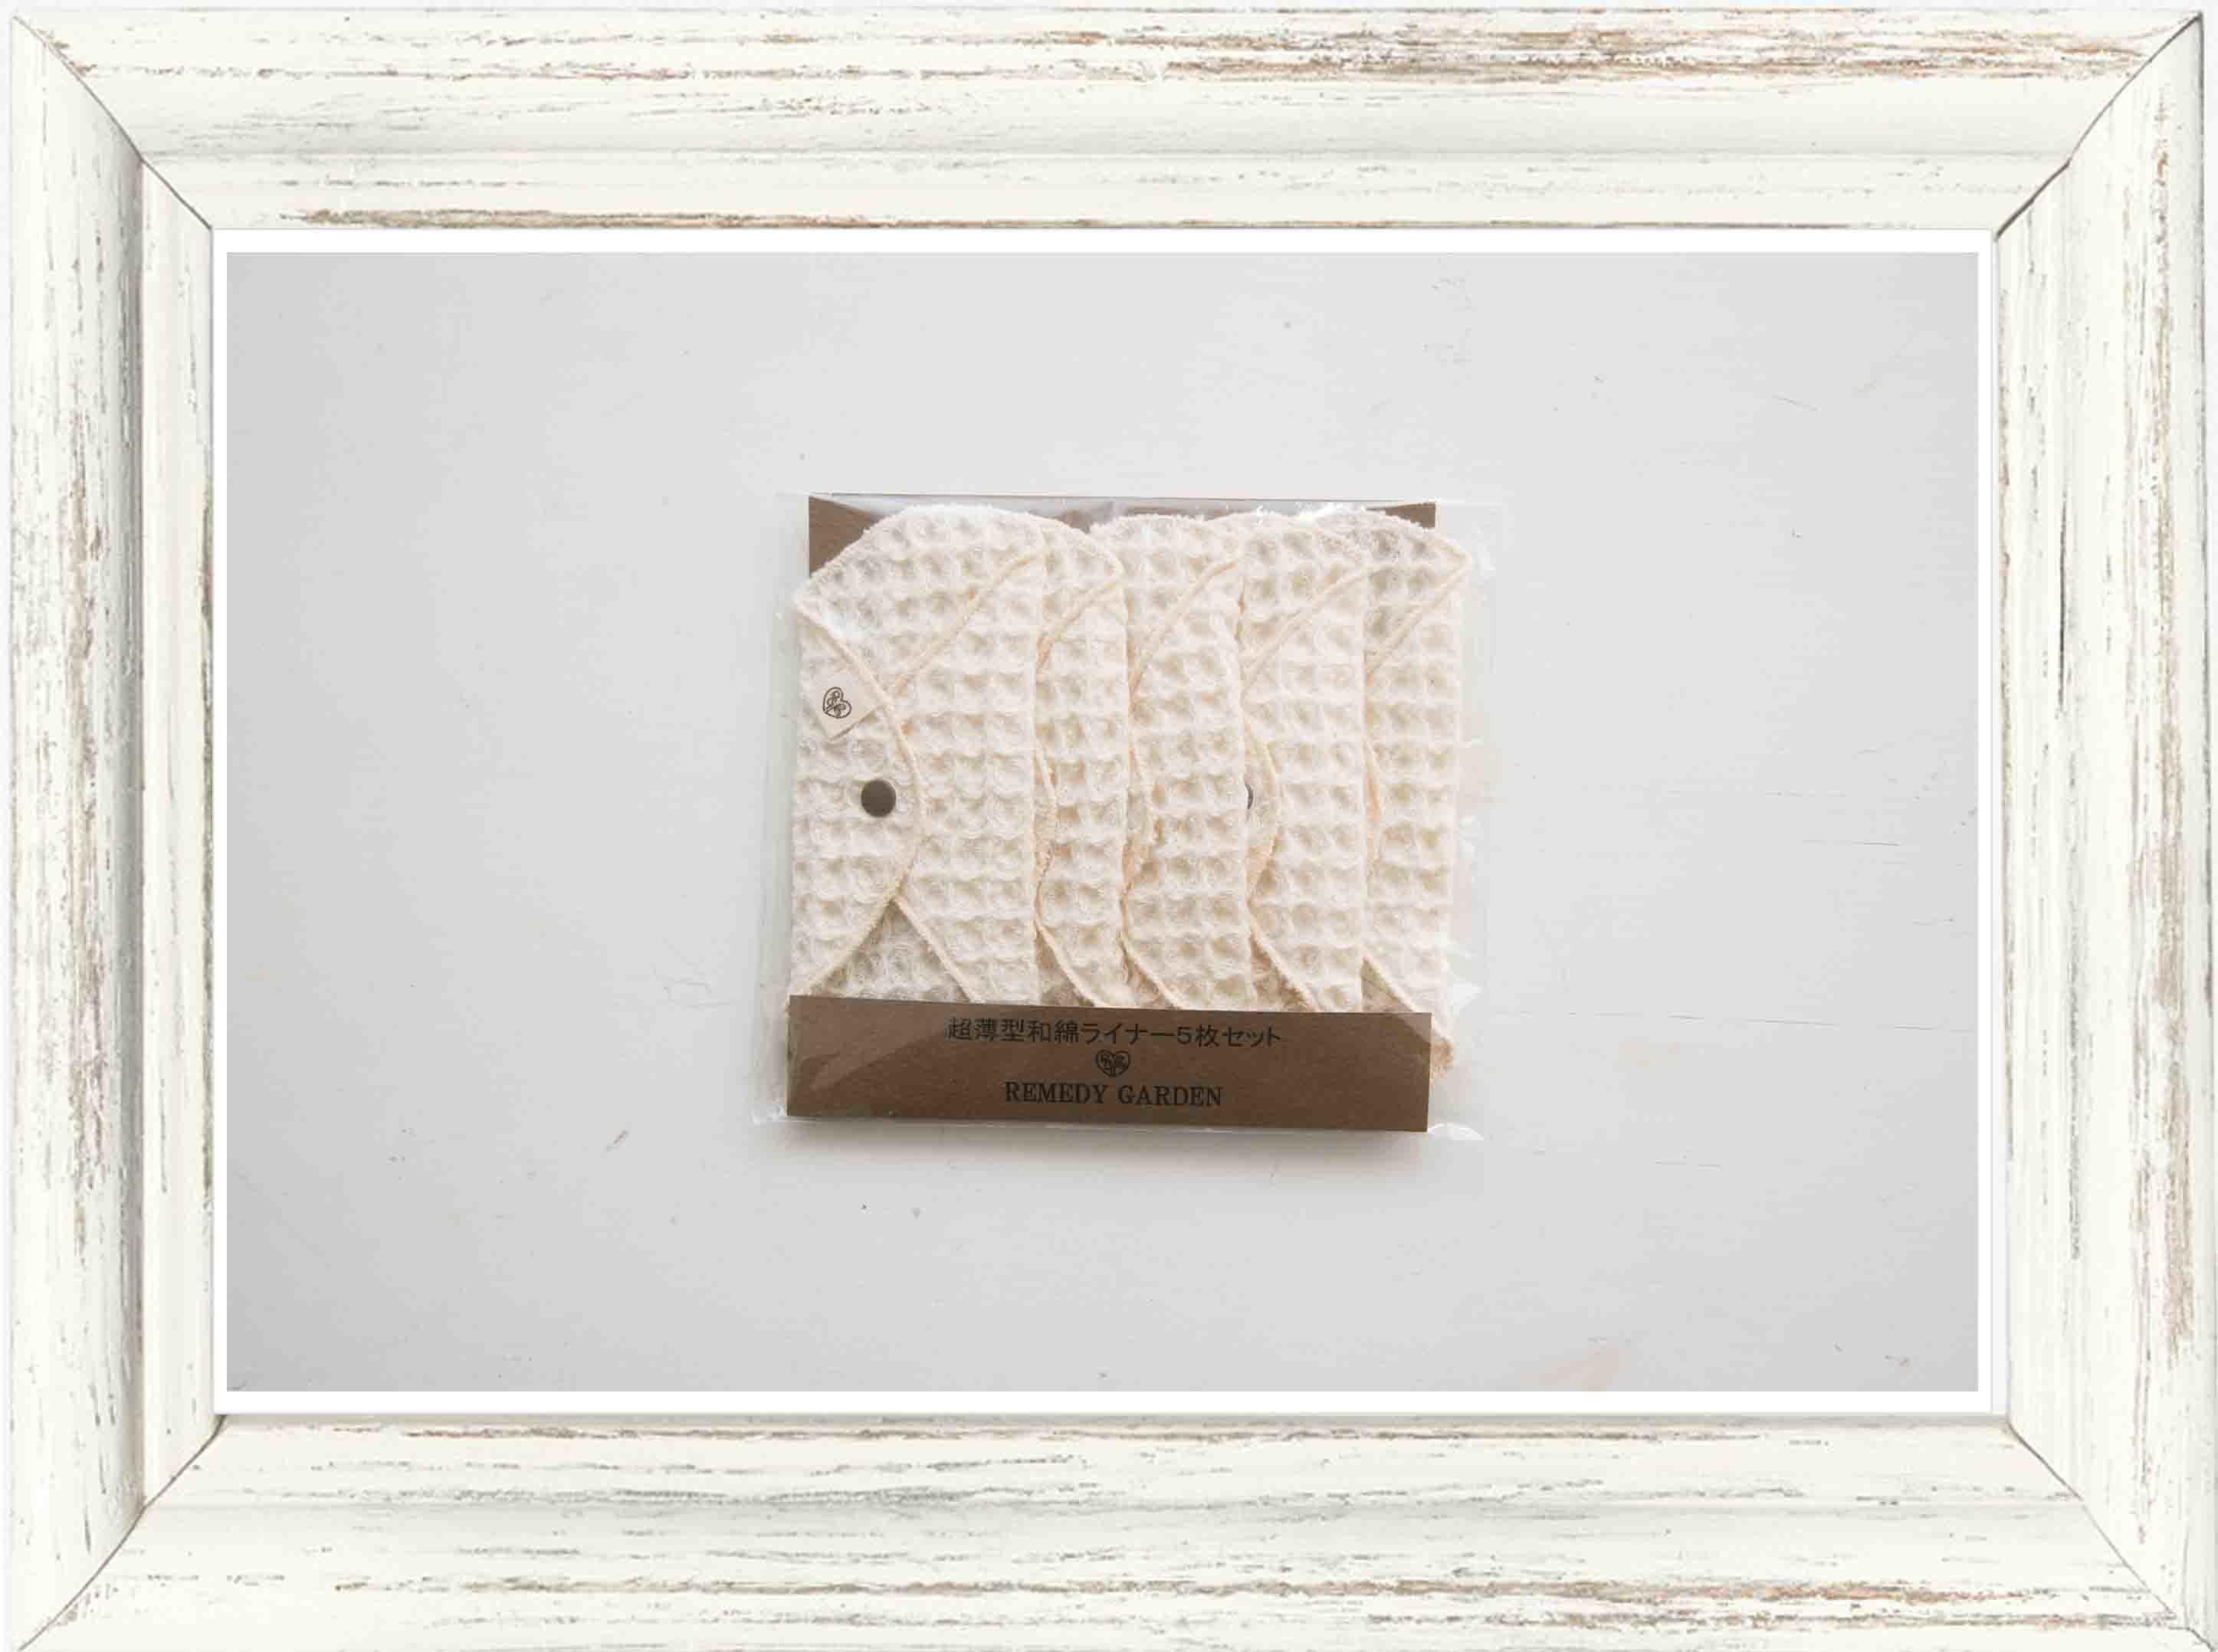 布ナプキン▶︎超薄型和綿布ライナー5枚セット